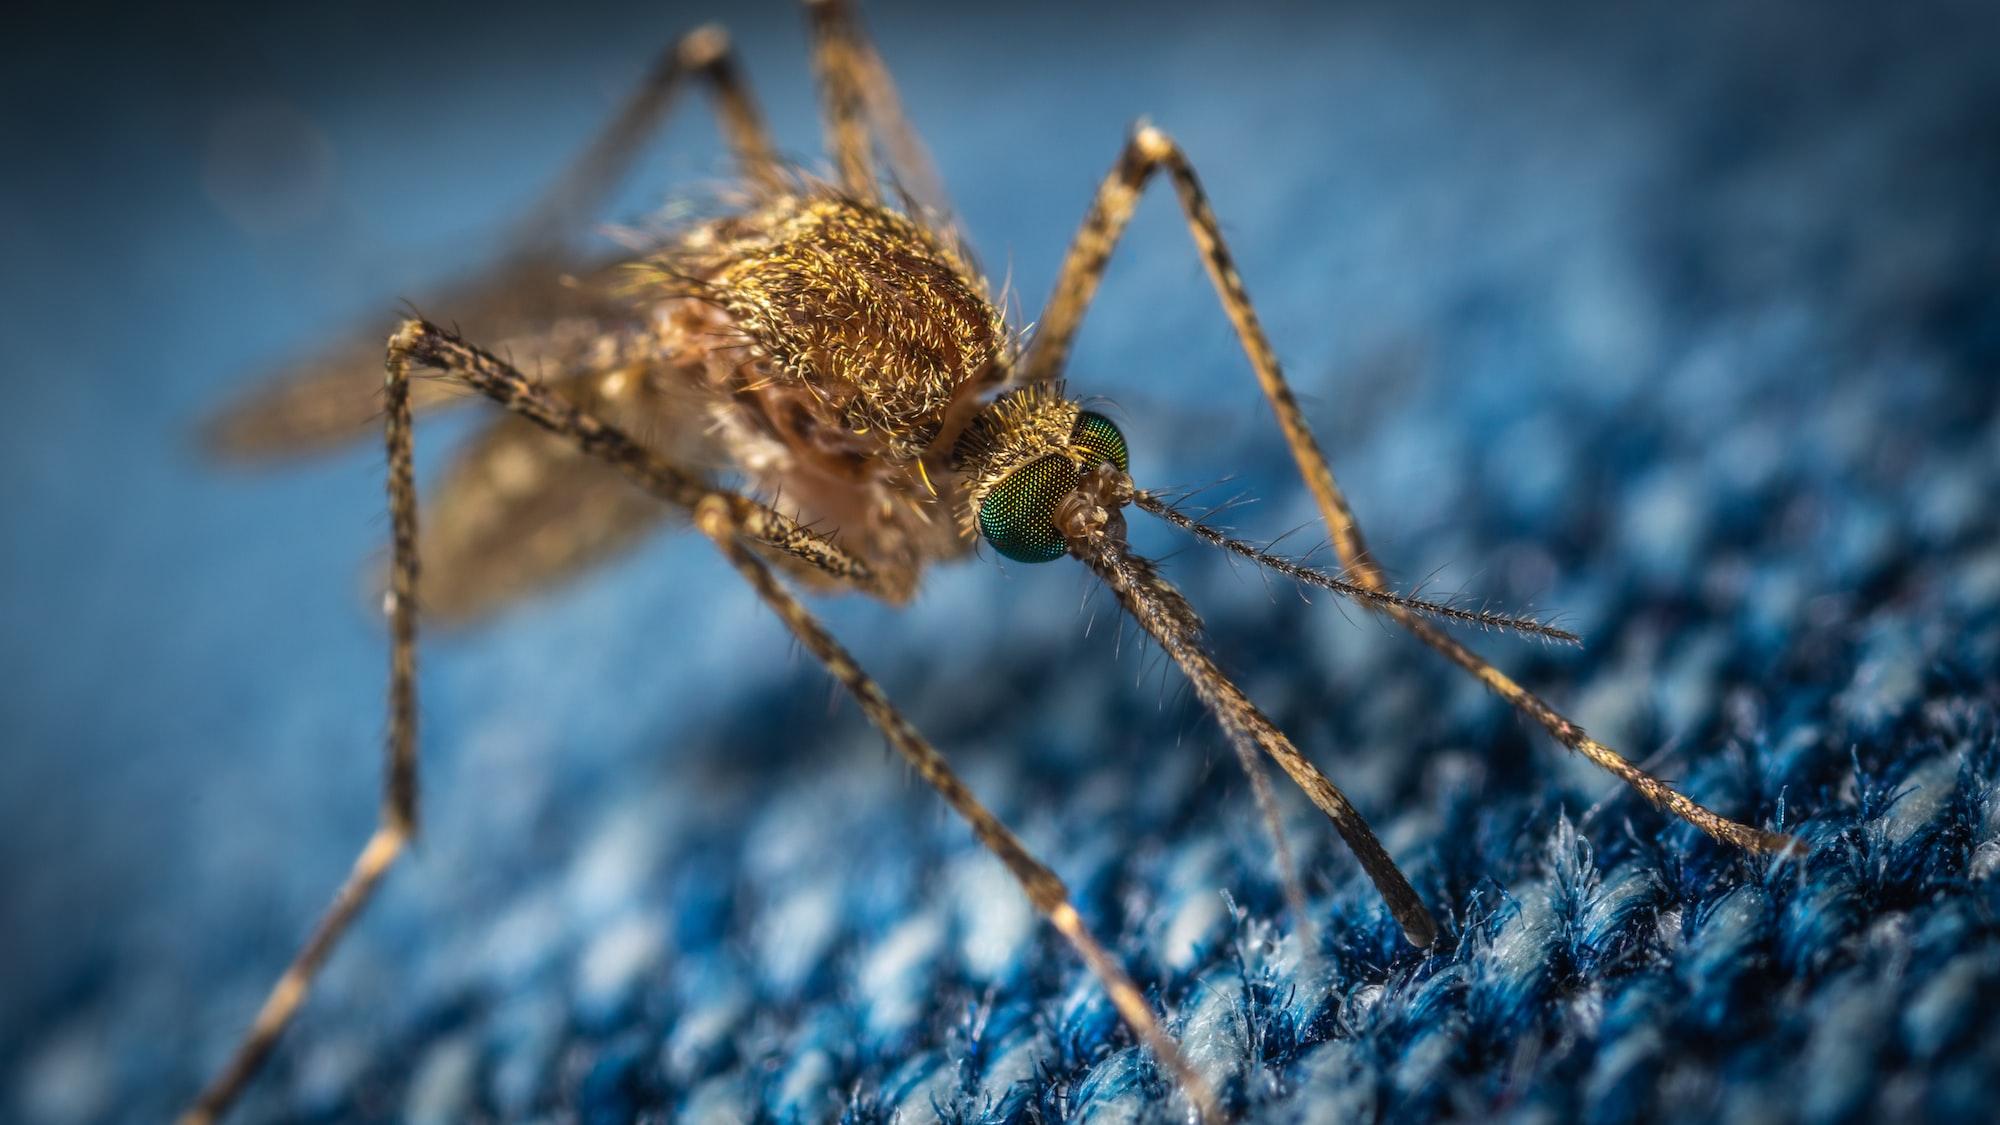 Přenos malárie by mohl být zastaven mikroorganismy přítomnými v samotných komárech